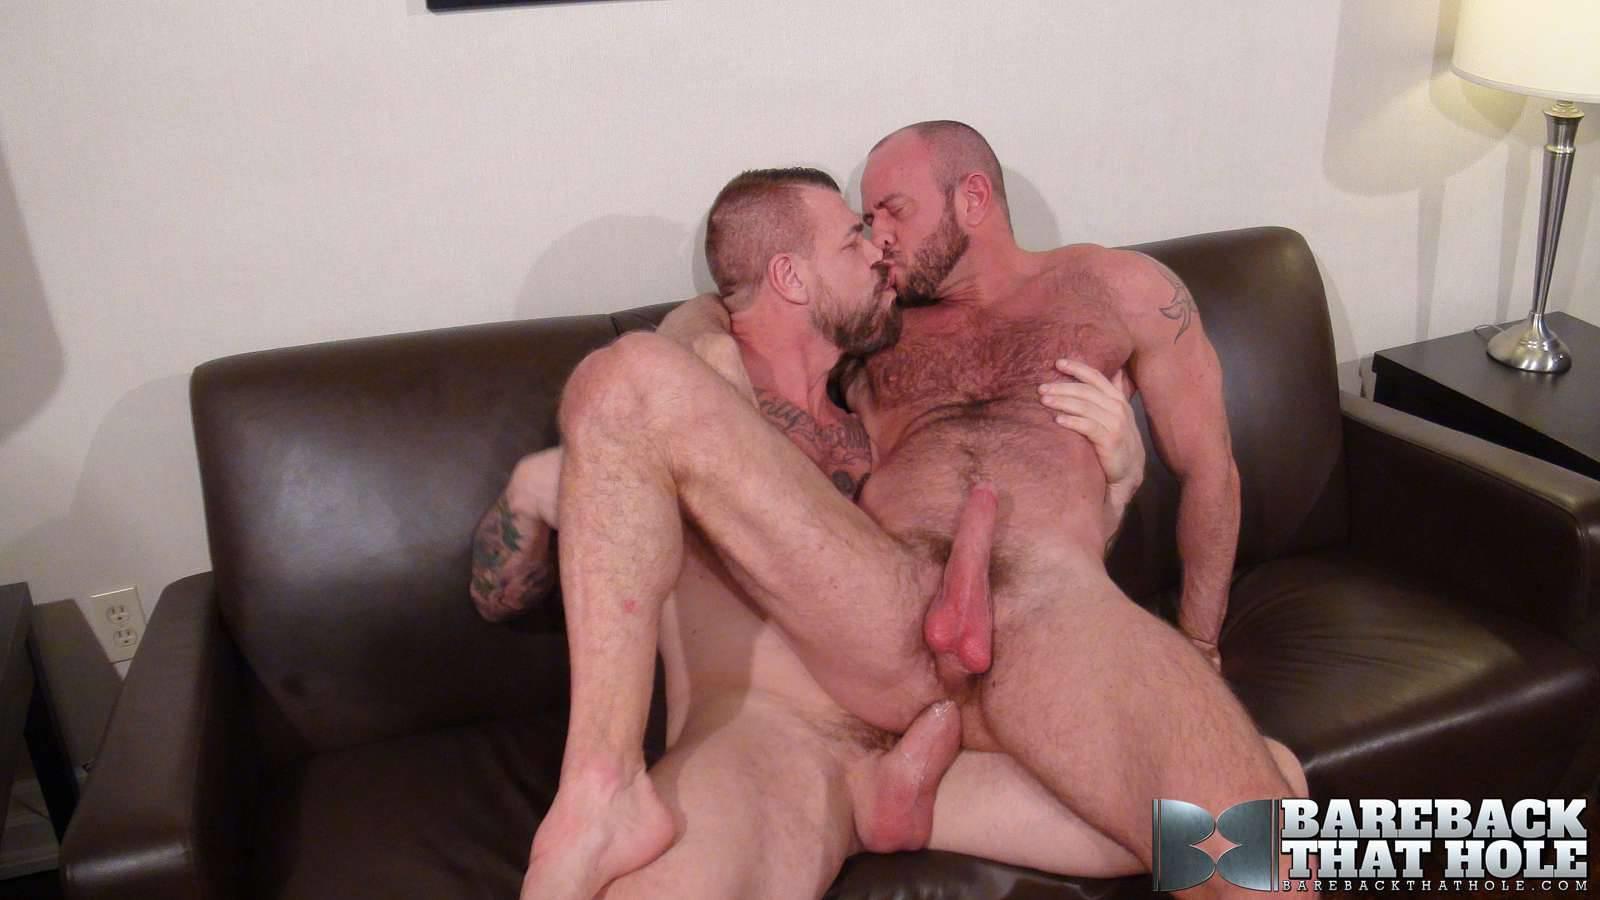 Gay bareback daddy porn